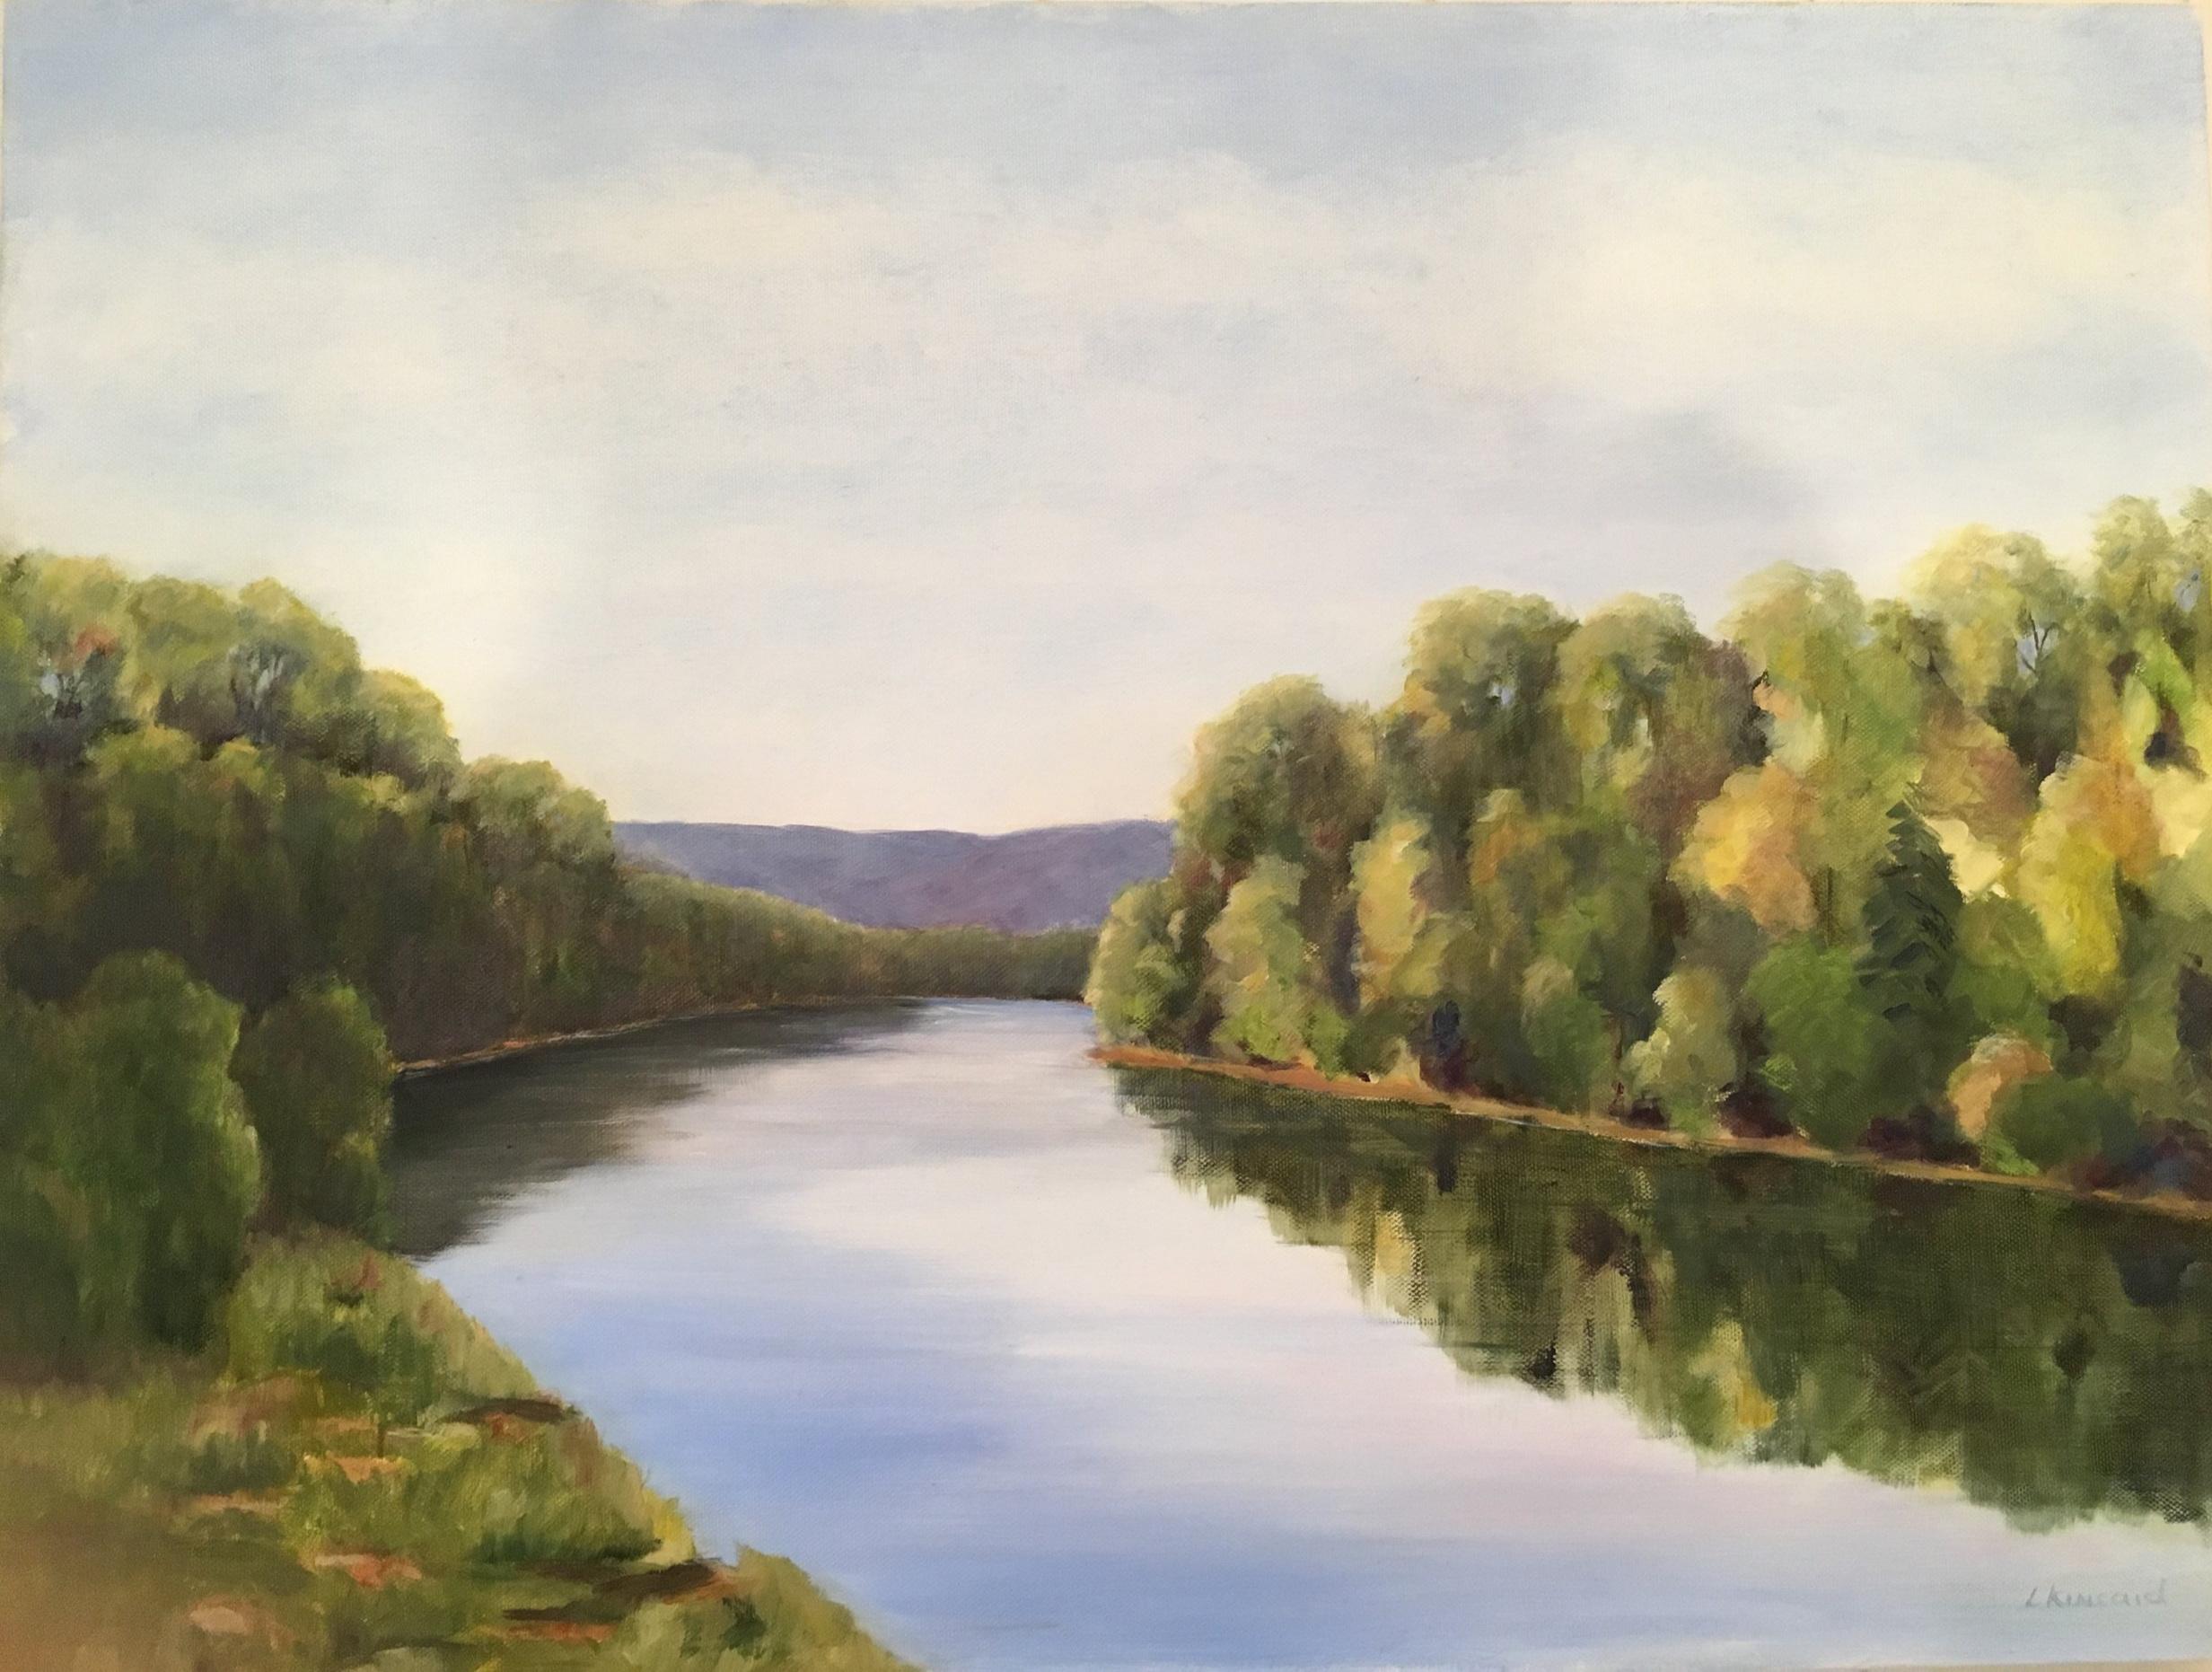 Summer, Shenandoah River; oil on canvas; 18 x 24